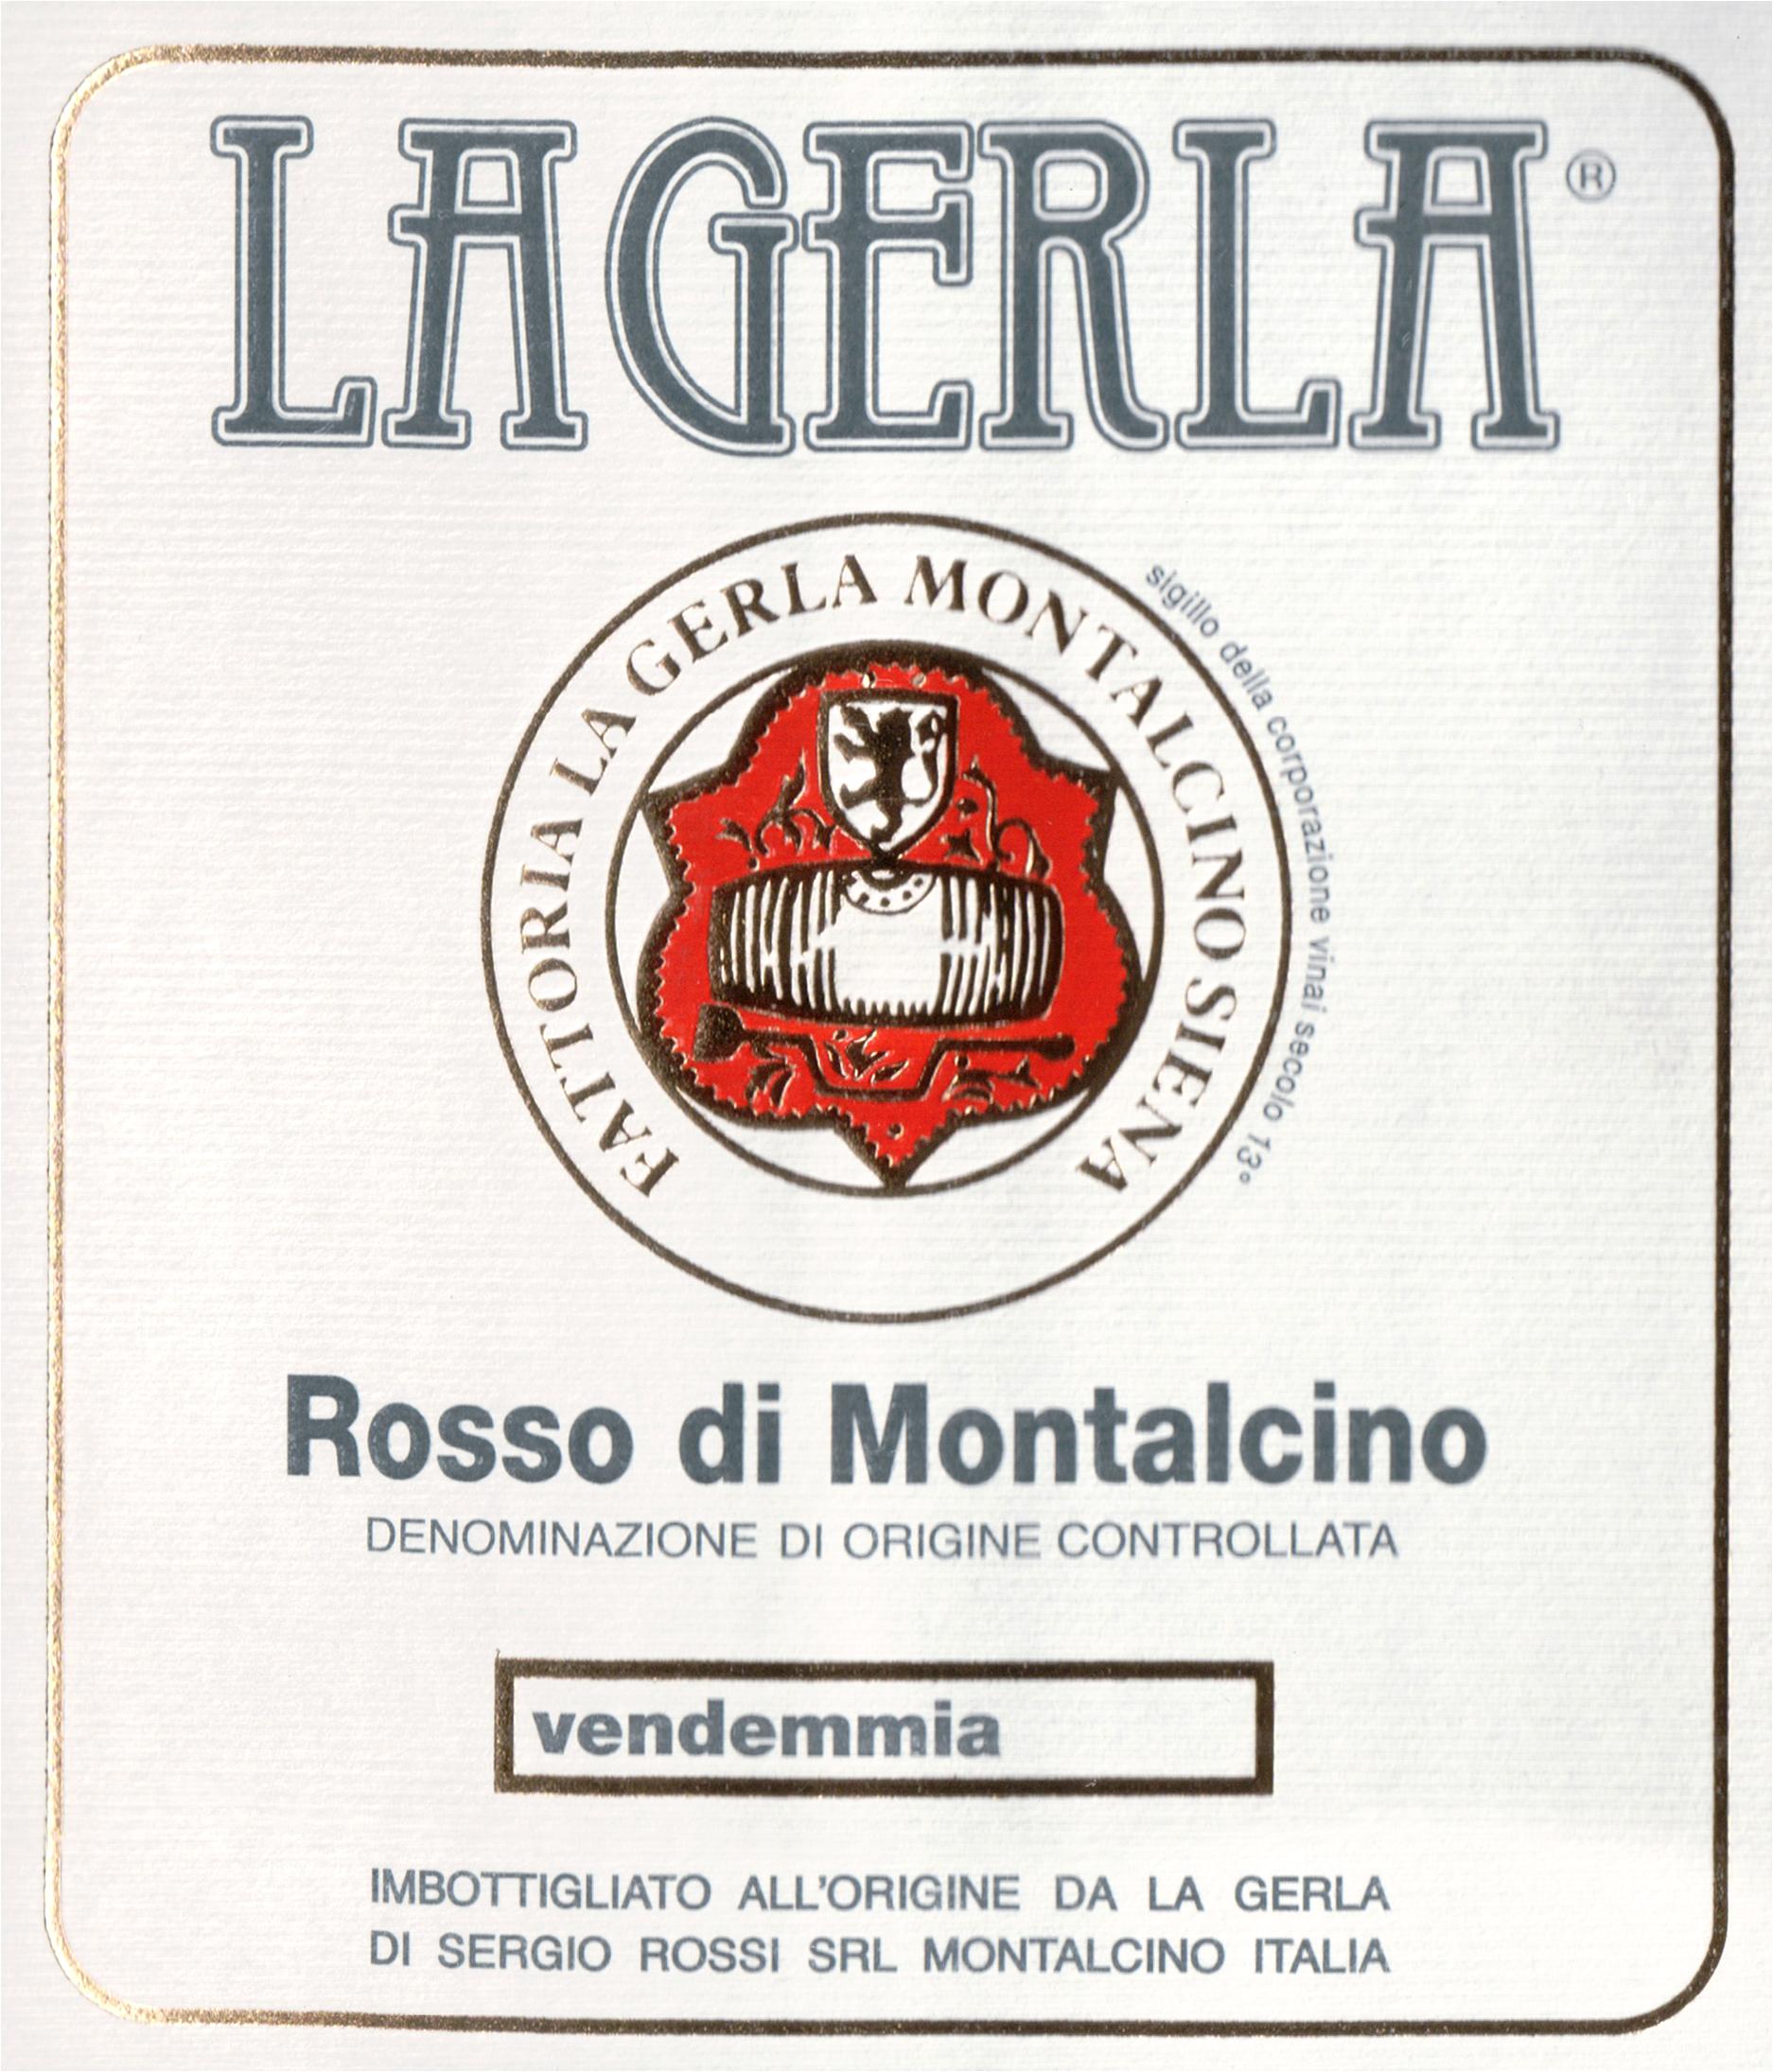 La Gerla Rosso Di Montalcino 2017